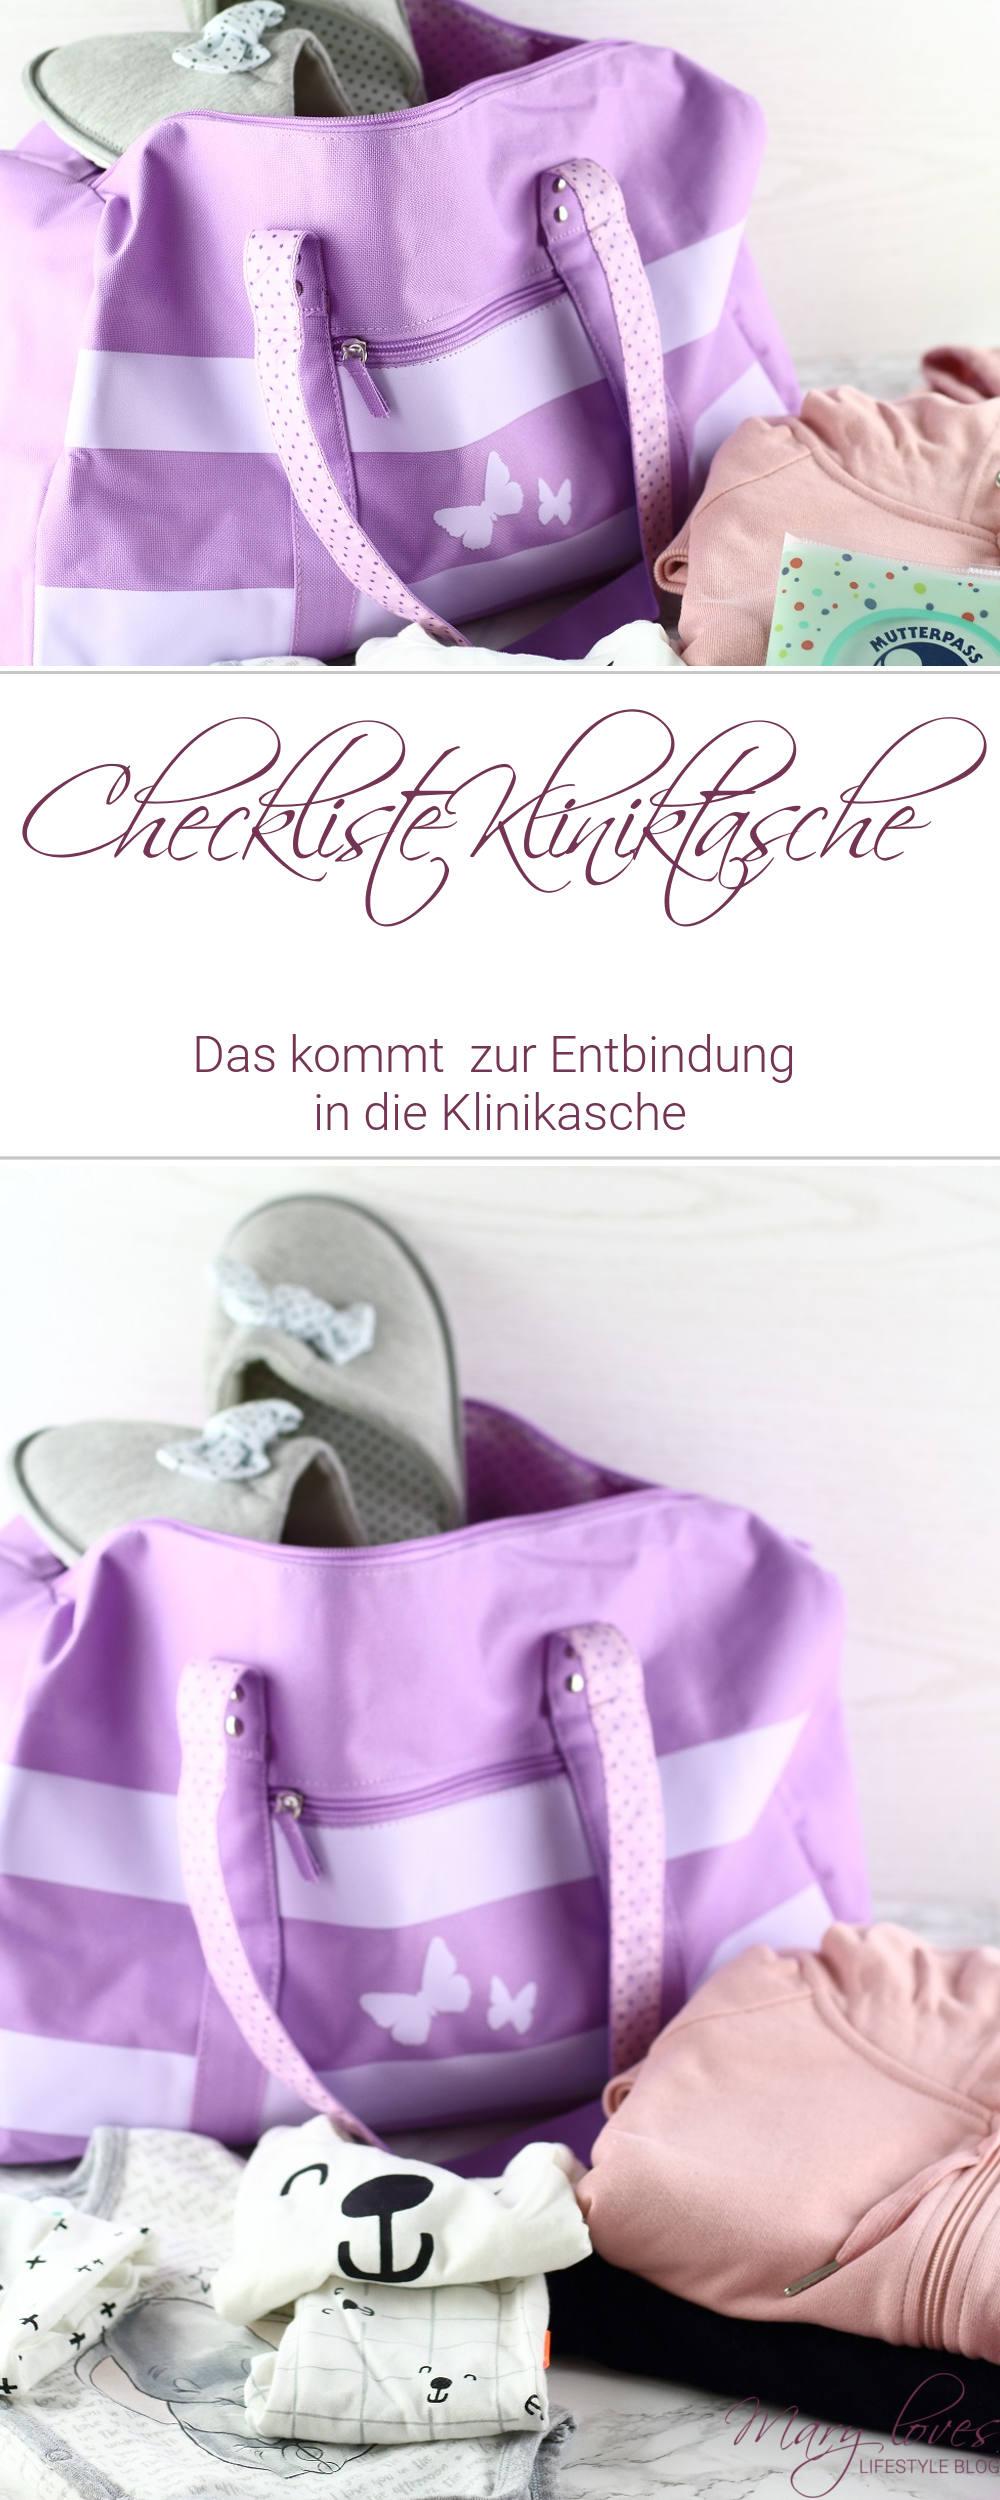 Schwangerschafts-Update 31.Woche - Checkliste Kliniktasche - #kliniktasche #schwangerschaft #krankenhaustasche #entbindung #schwangerschaftstipps #checkliste